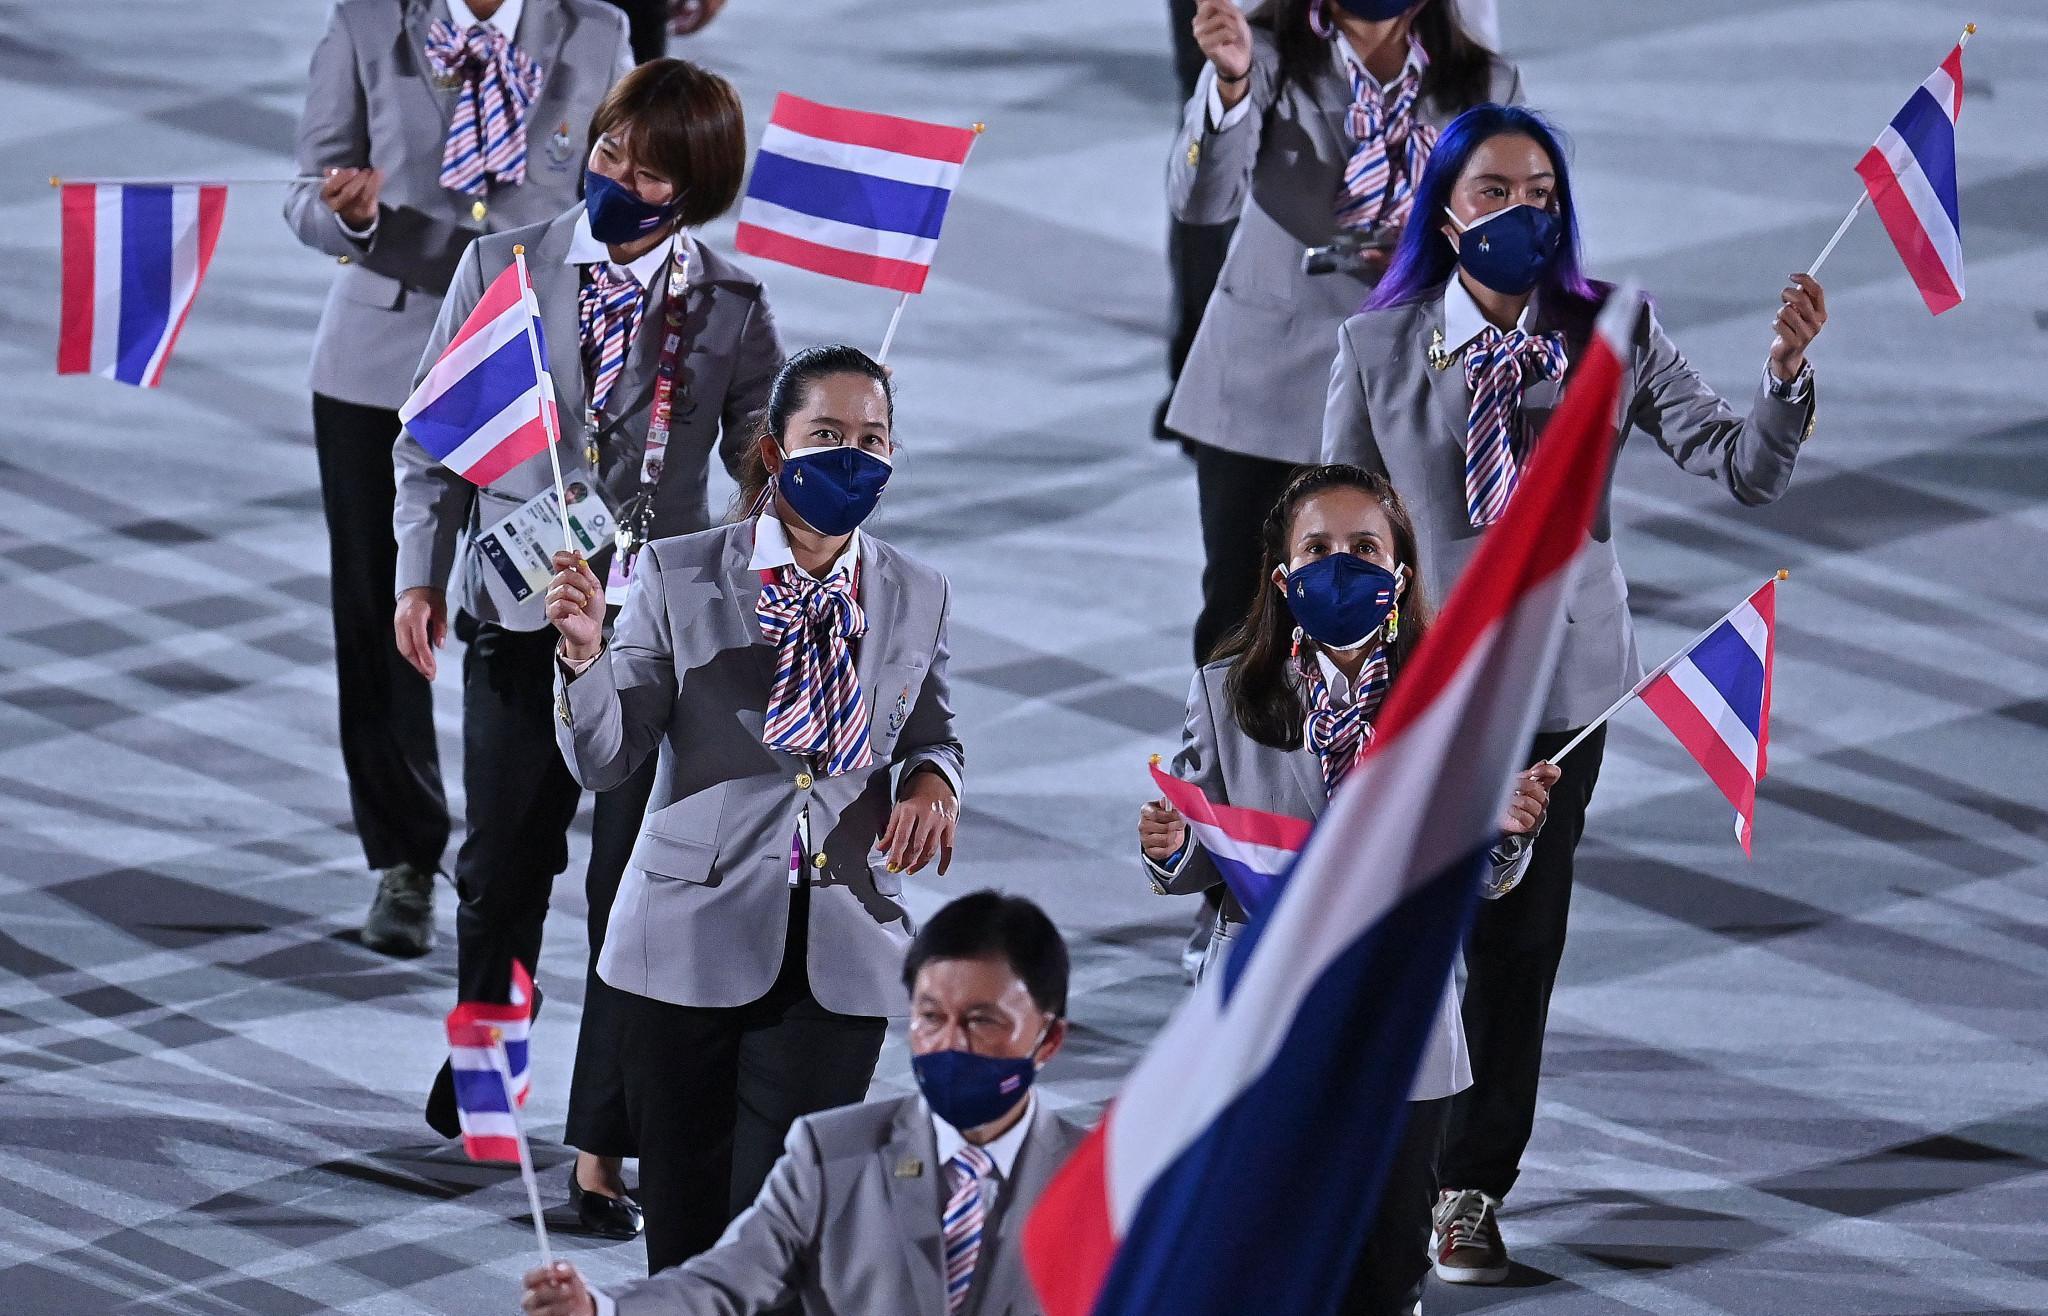 Có hay không việc Thái Lan, Indonesia dự SEA Games 31 không màu cờ sắc áo?